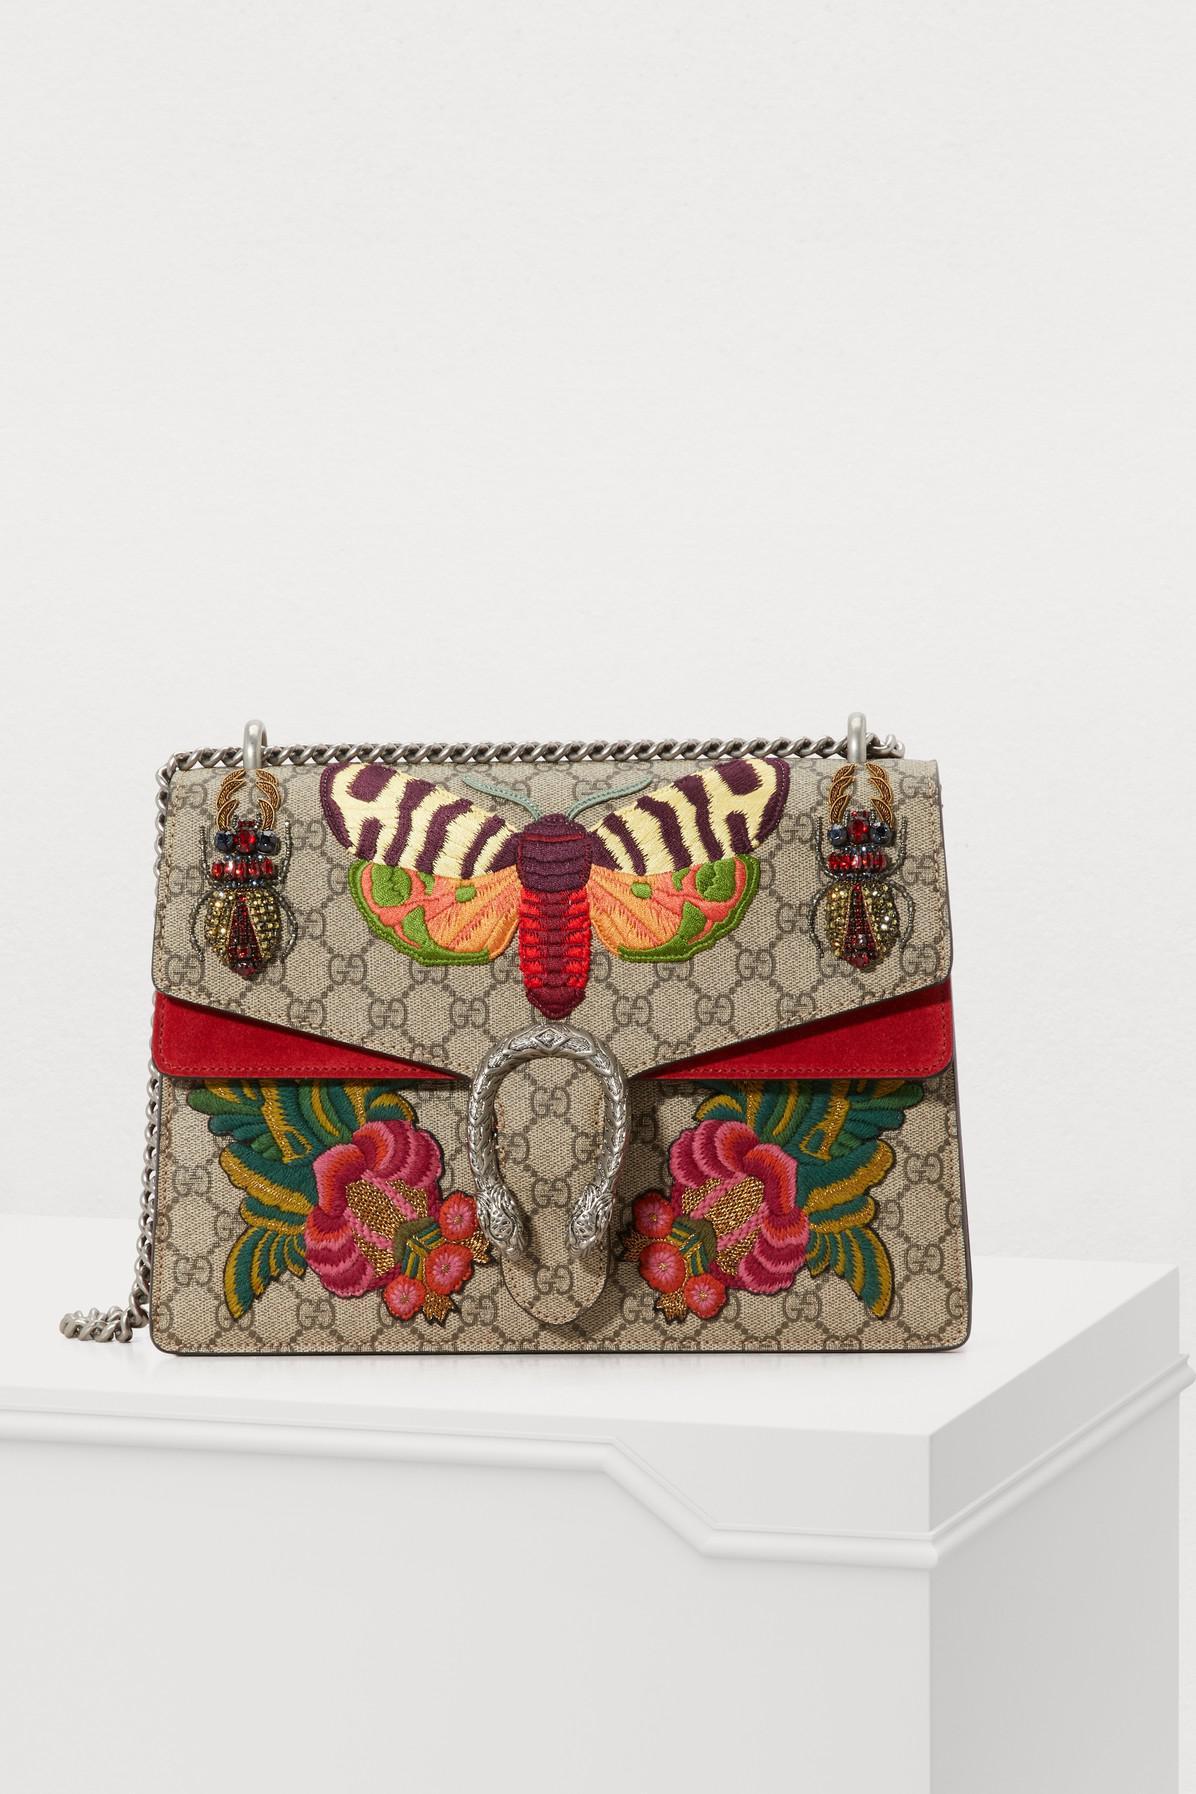 0f2e6180cfb4 Lyst - Sac à épaule Dionysus taille moyenne Gucci en coloris Rouge